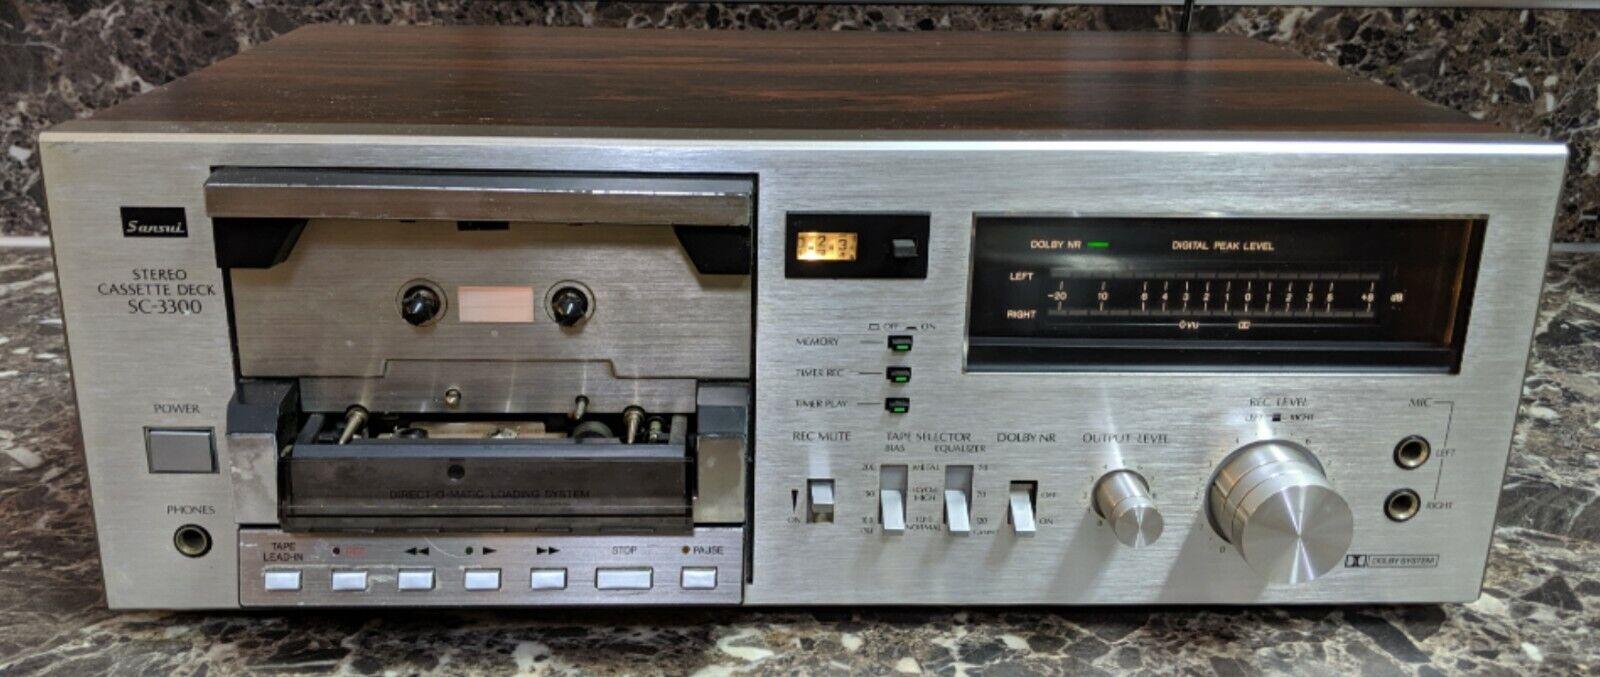 Vintage Sansui Stereo Cassette Deck Sc-3300